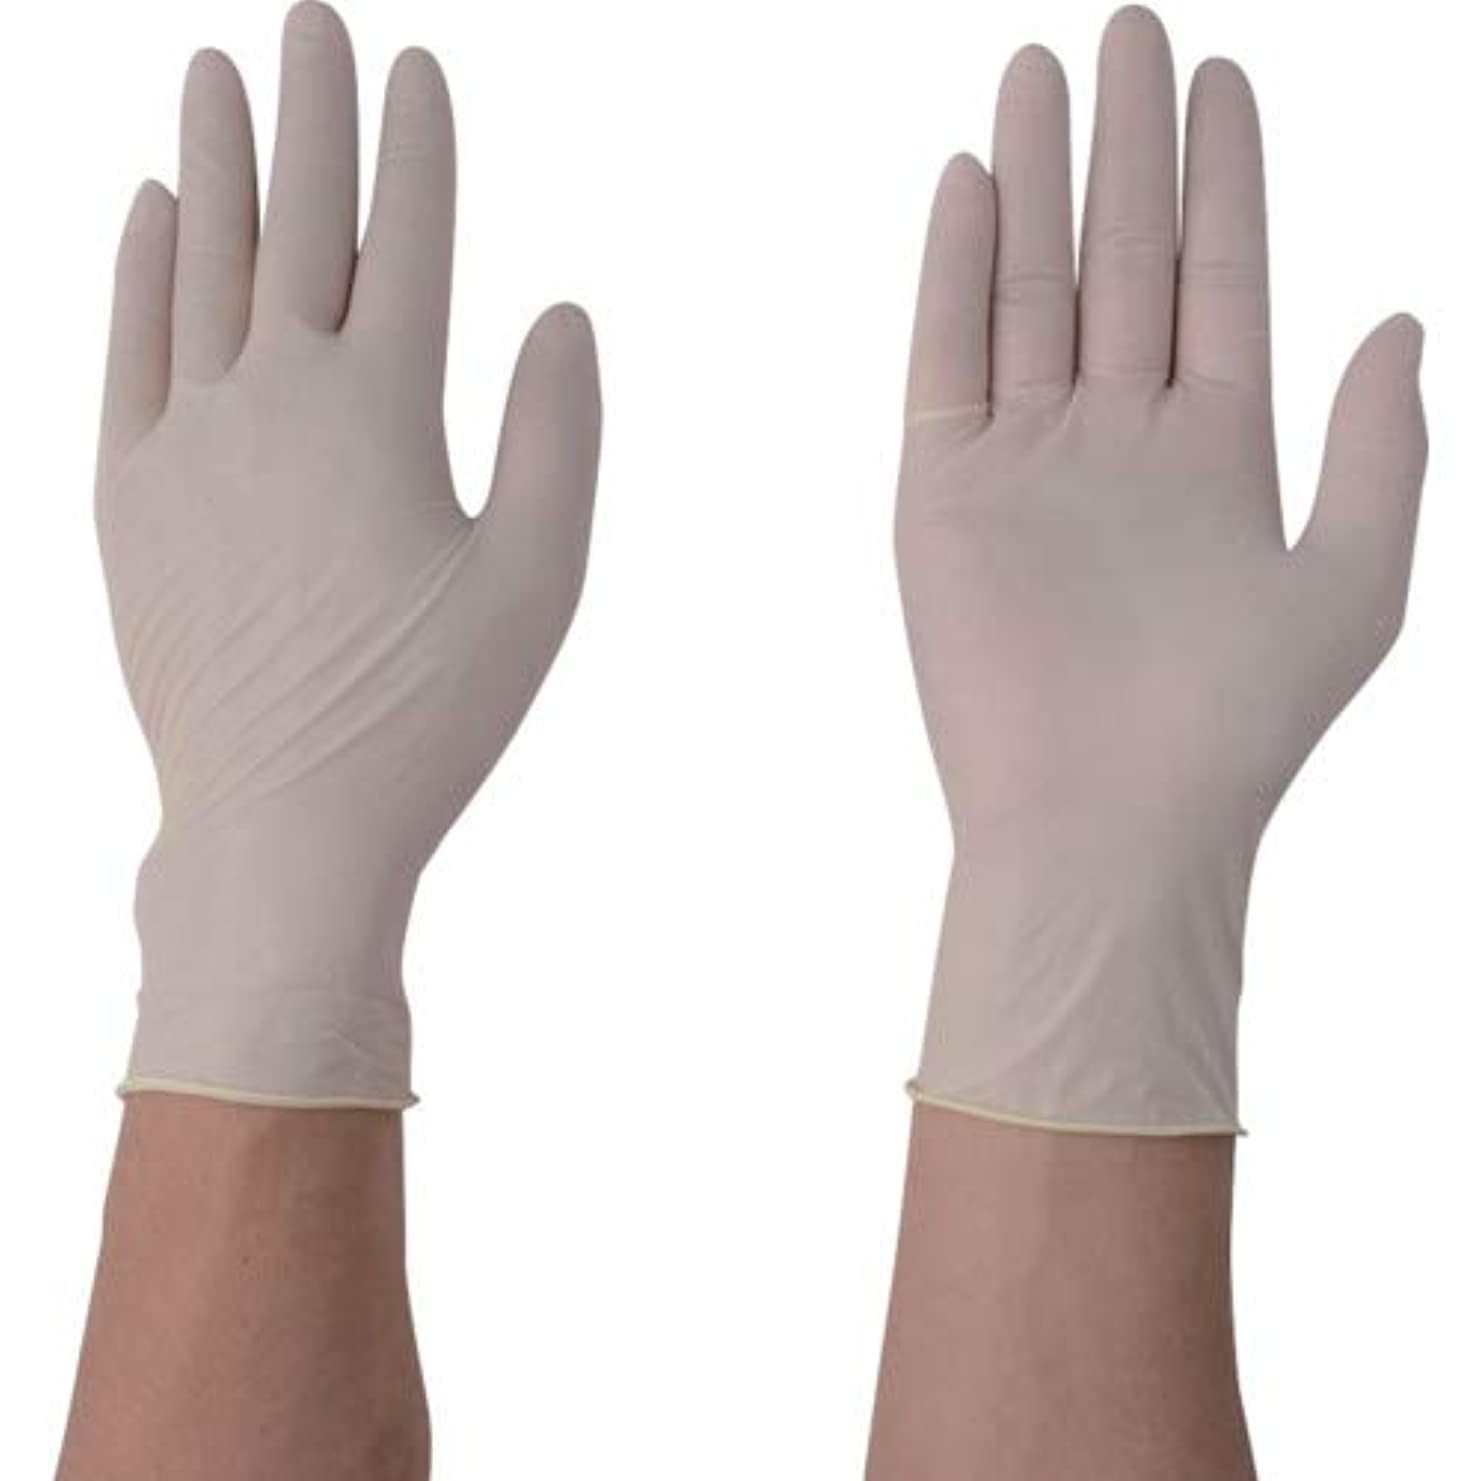 戦略留め金塩アズワン ナビロール手袋(エコノミータイプ?パウダーフリー) パウダーフリーS